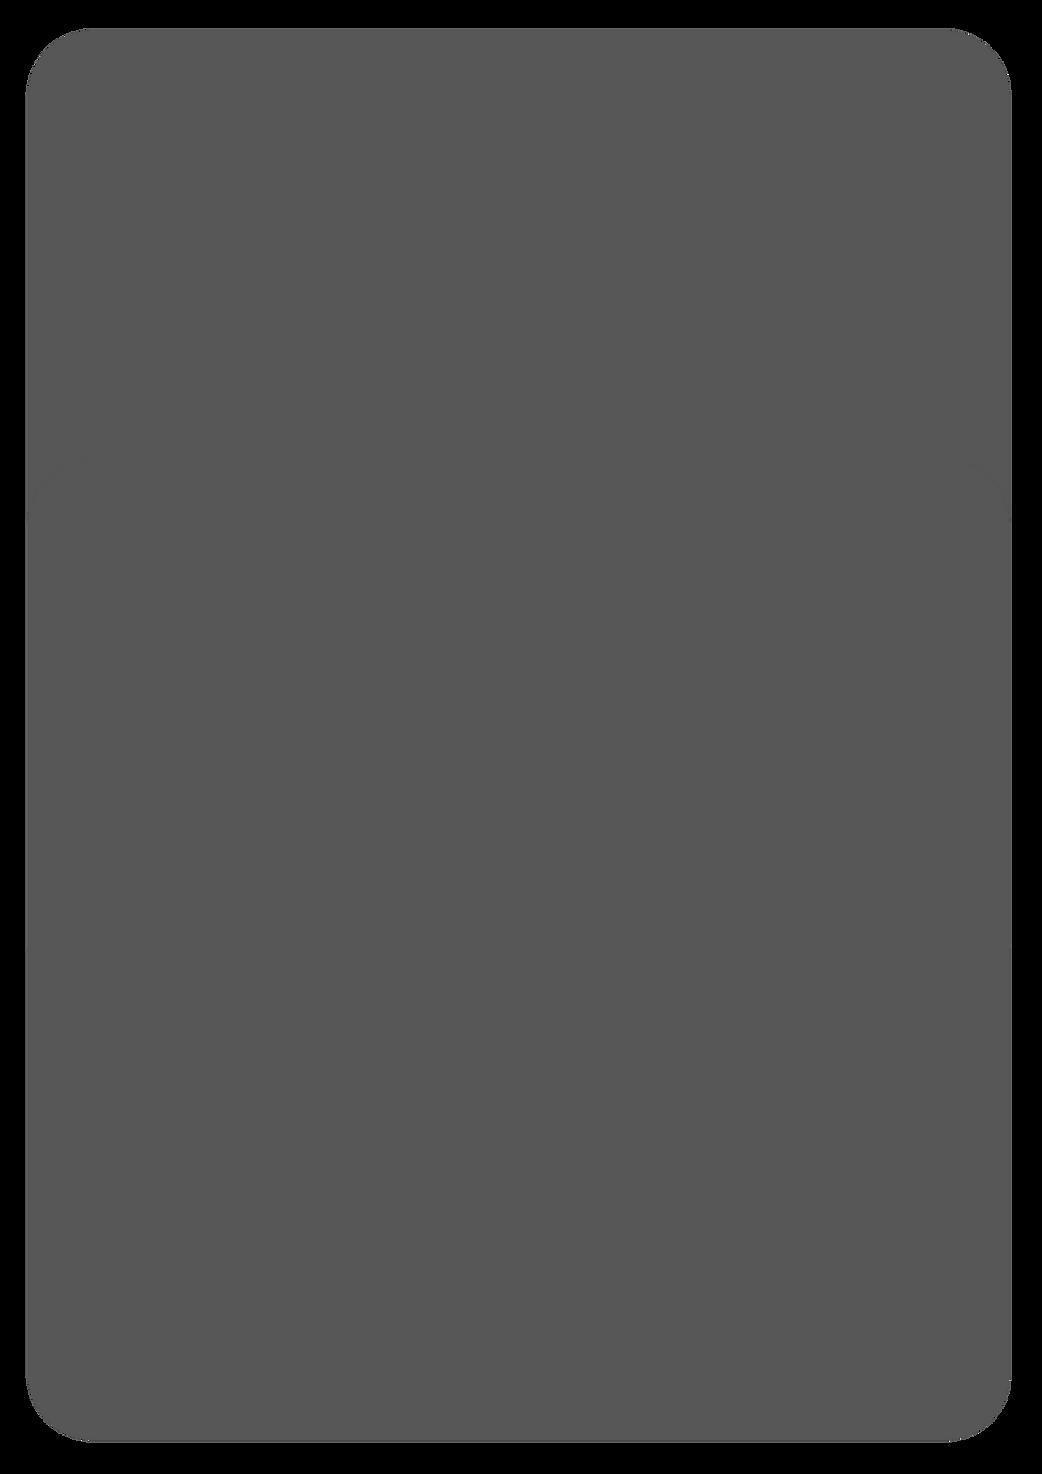 Untitled%2520design%2520(5)_edited_edite